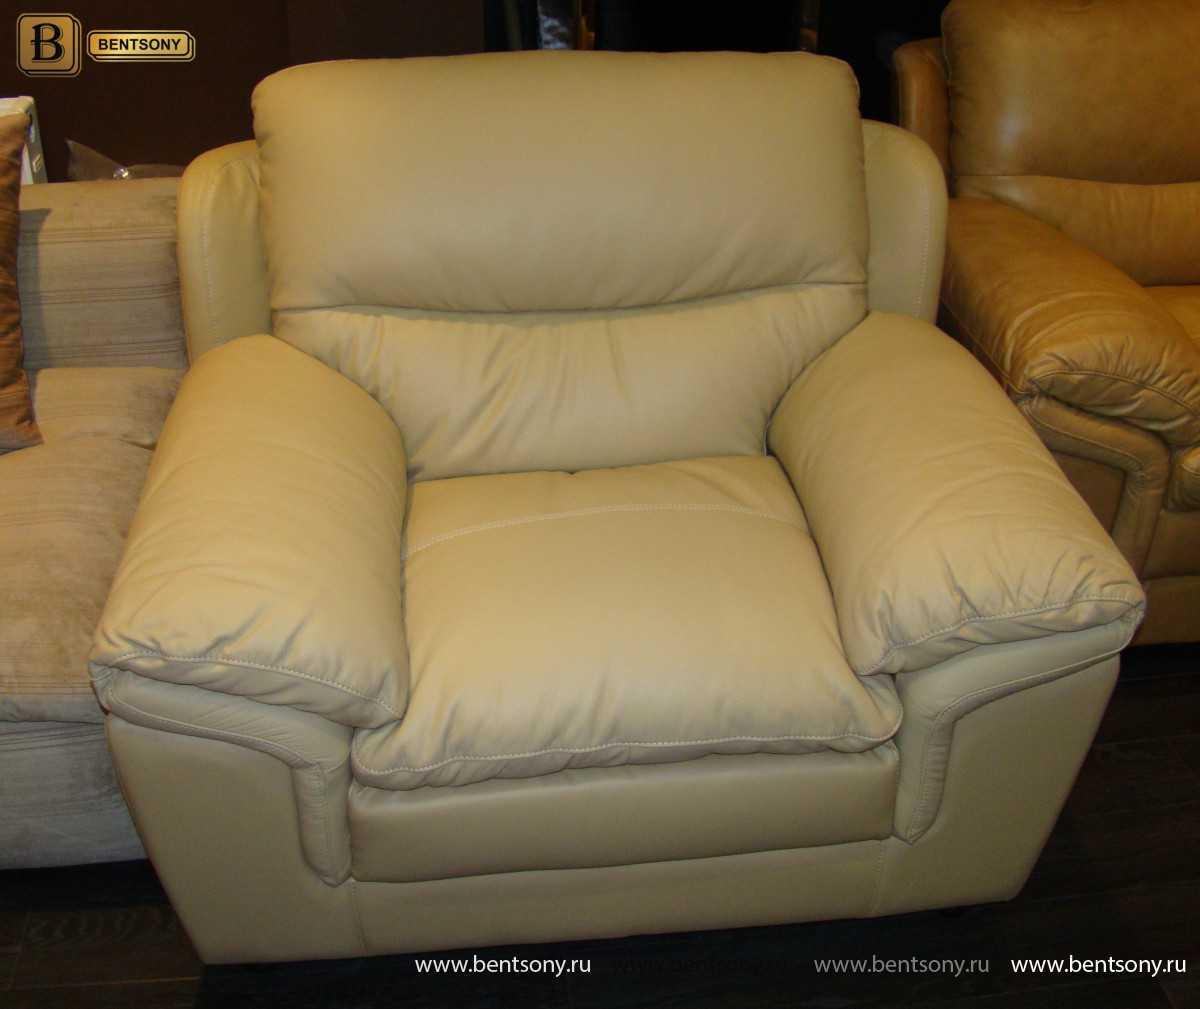 Кресло Маниани для дома